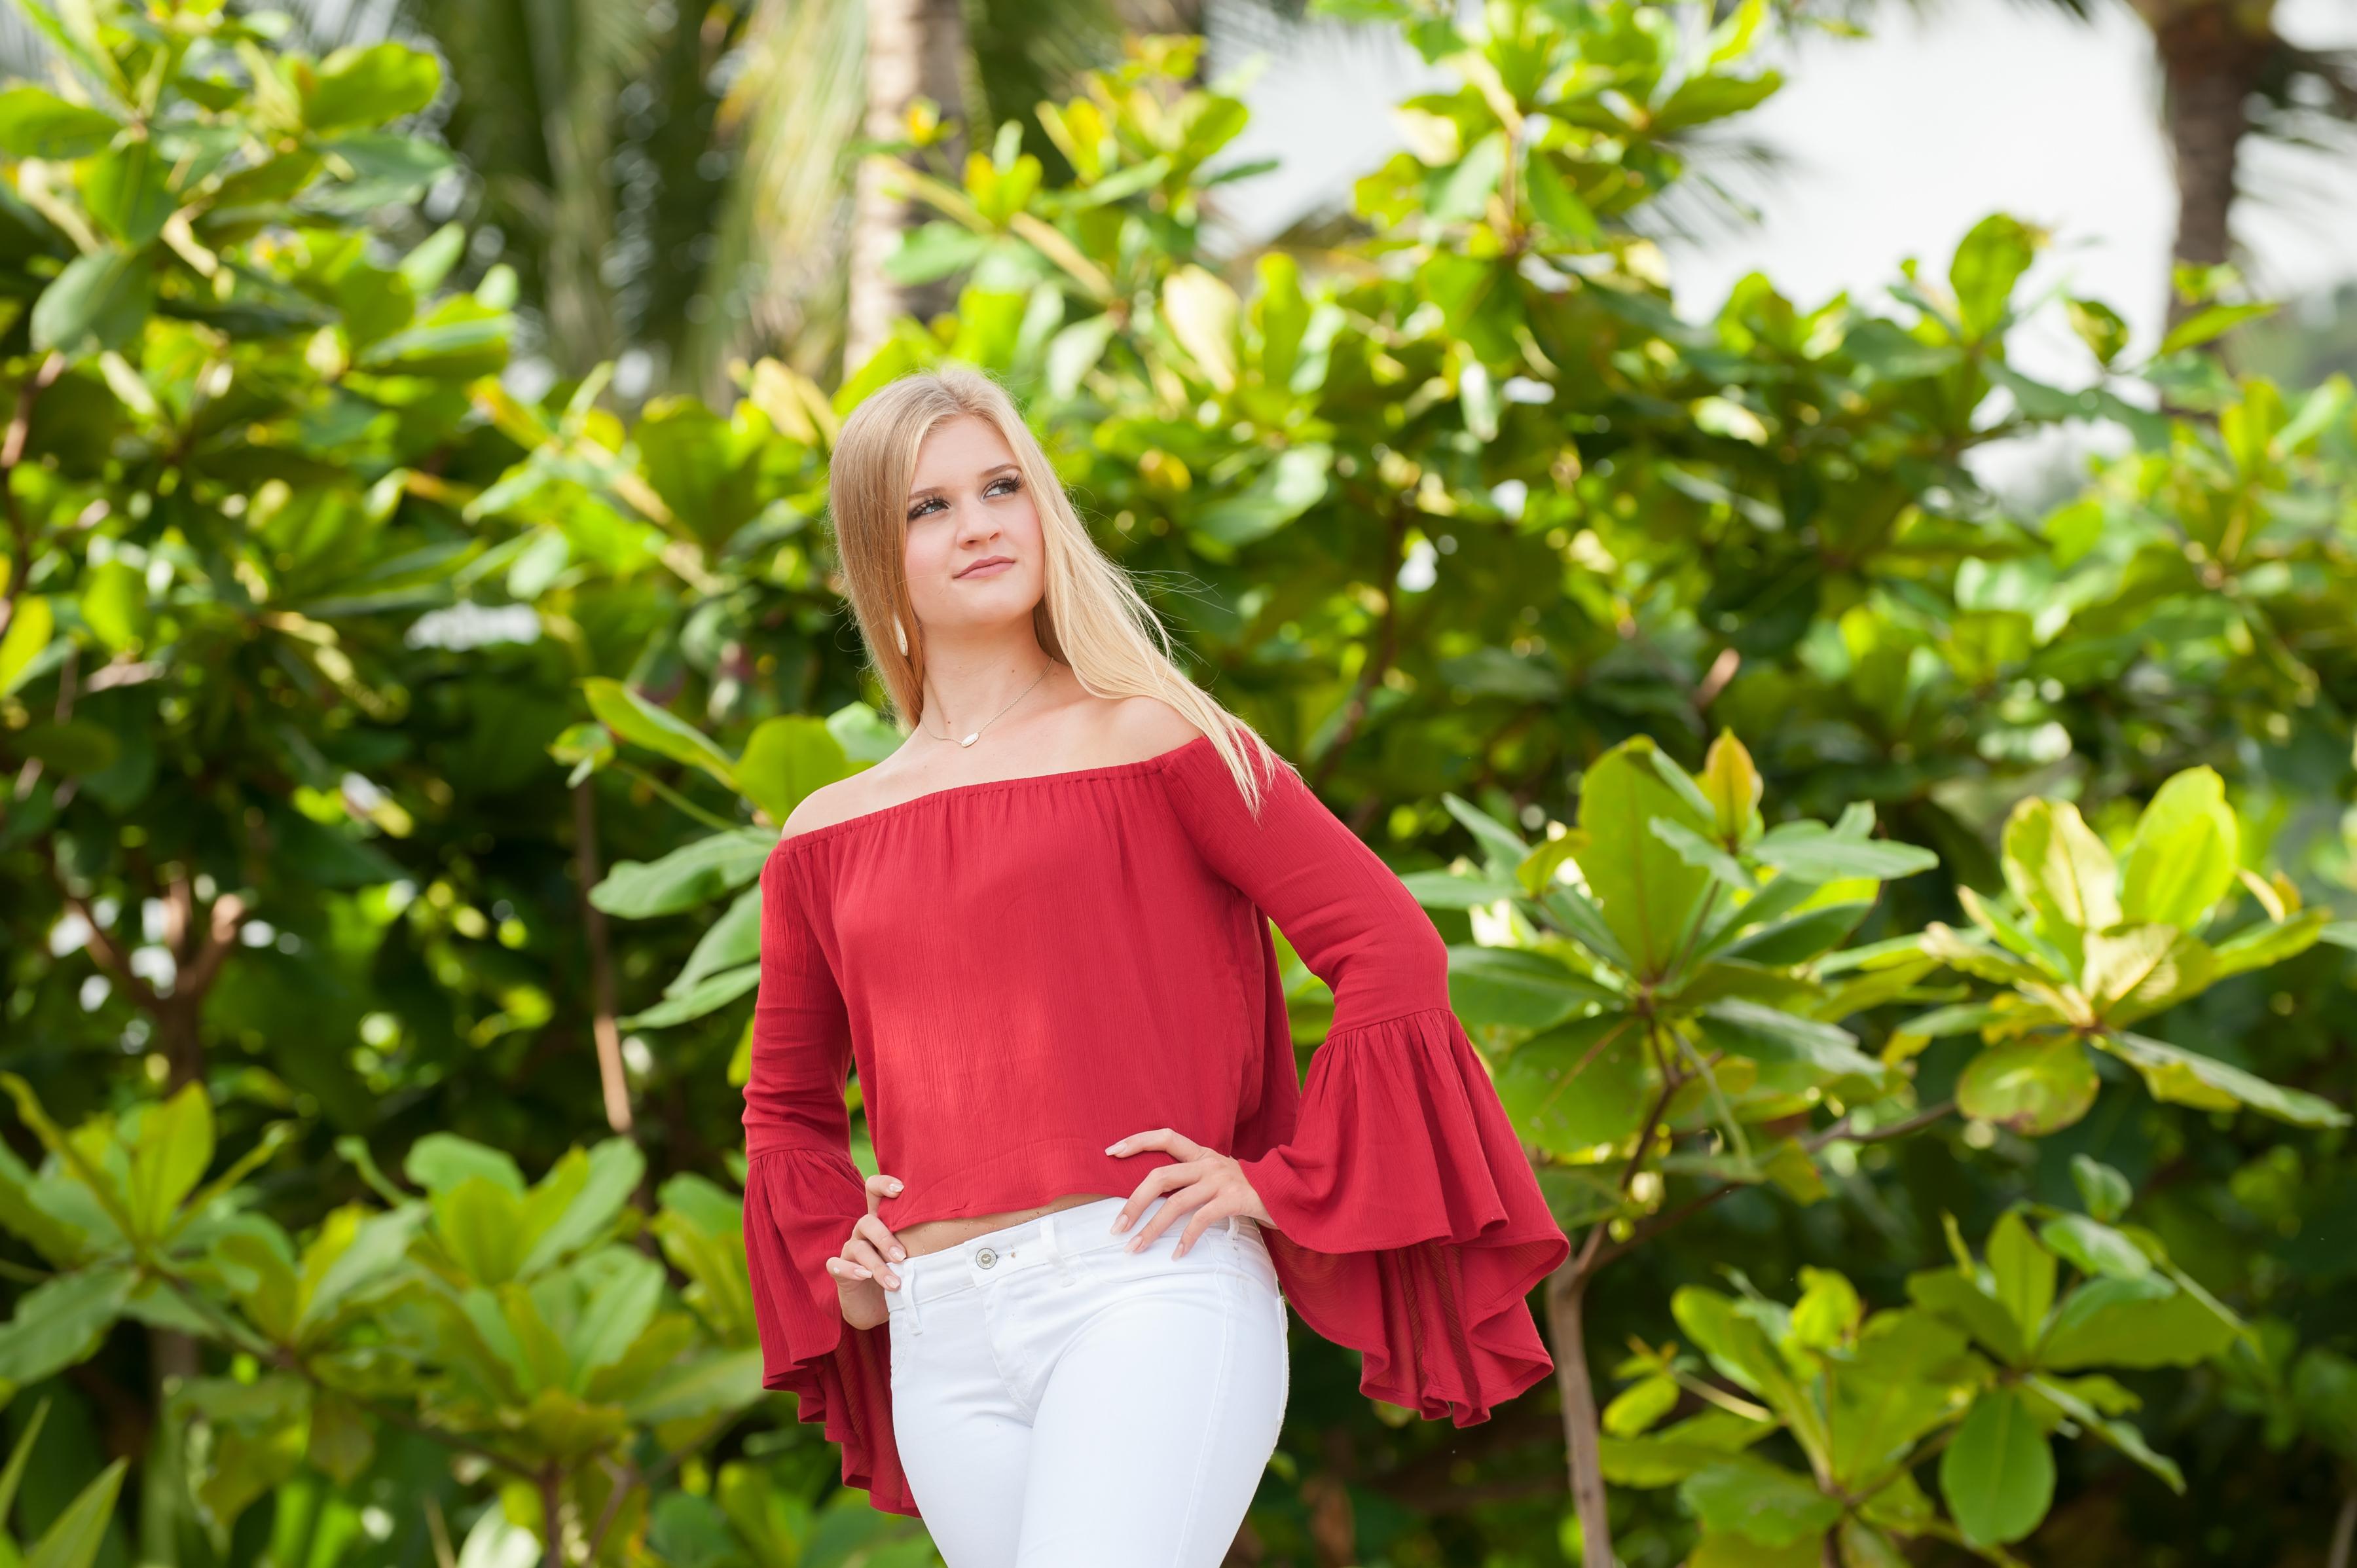 kauai senior portraitsDSC_8502